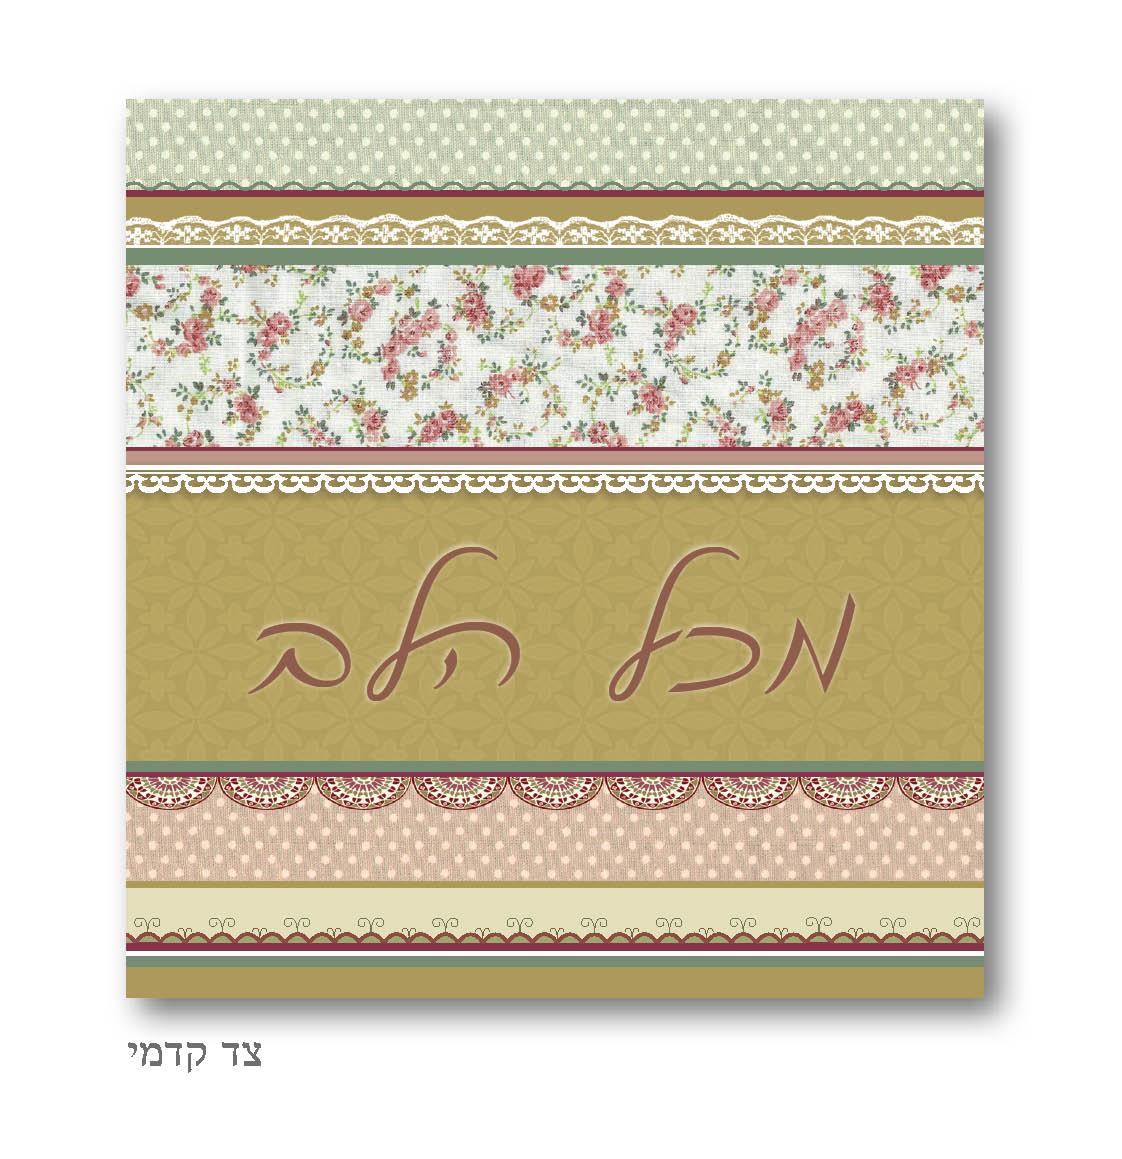 כרטיס ברכה נפתח - מכל הלב - דוגמא